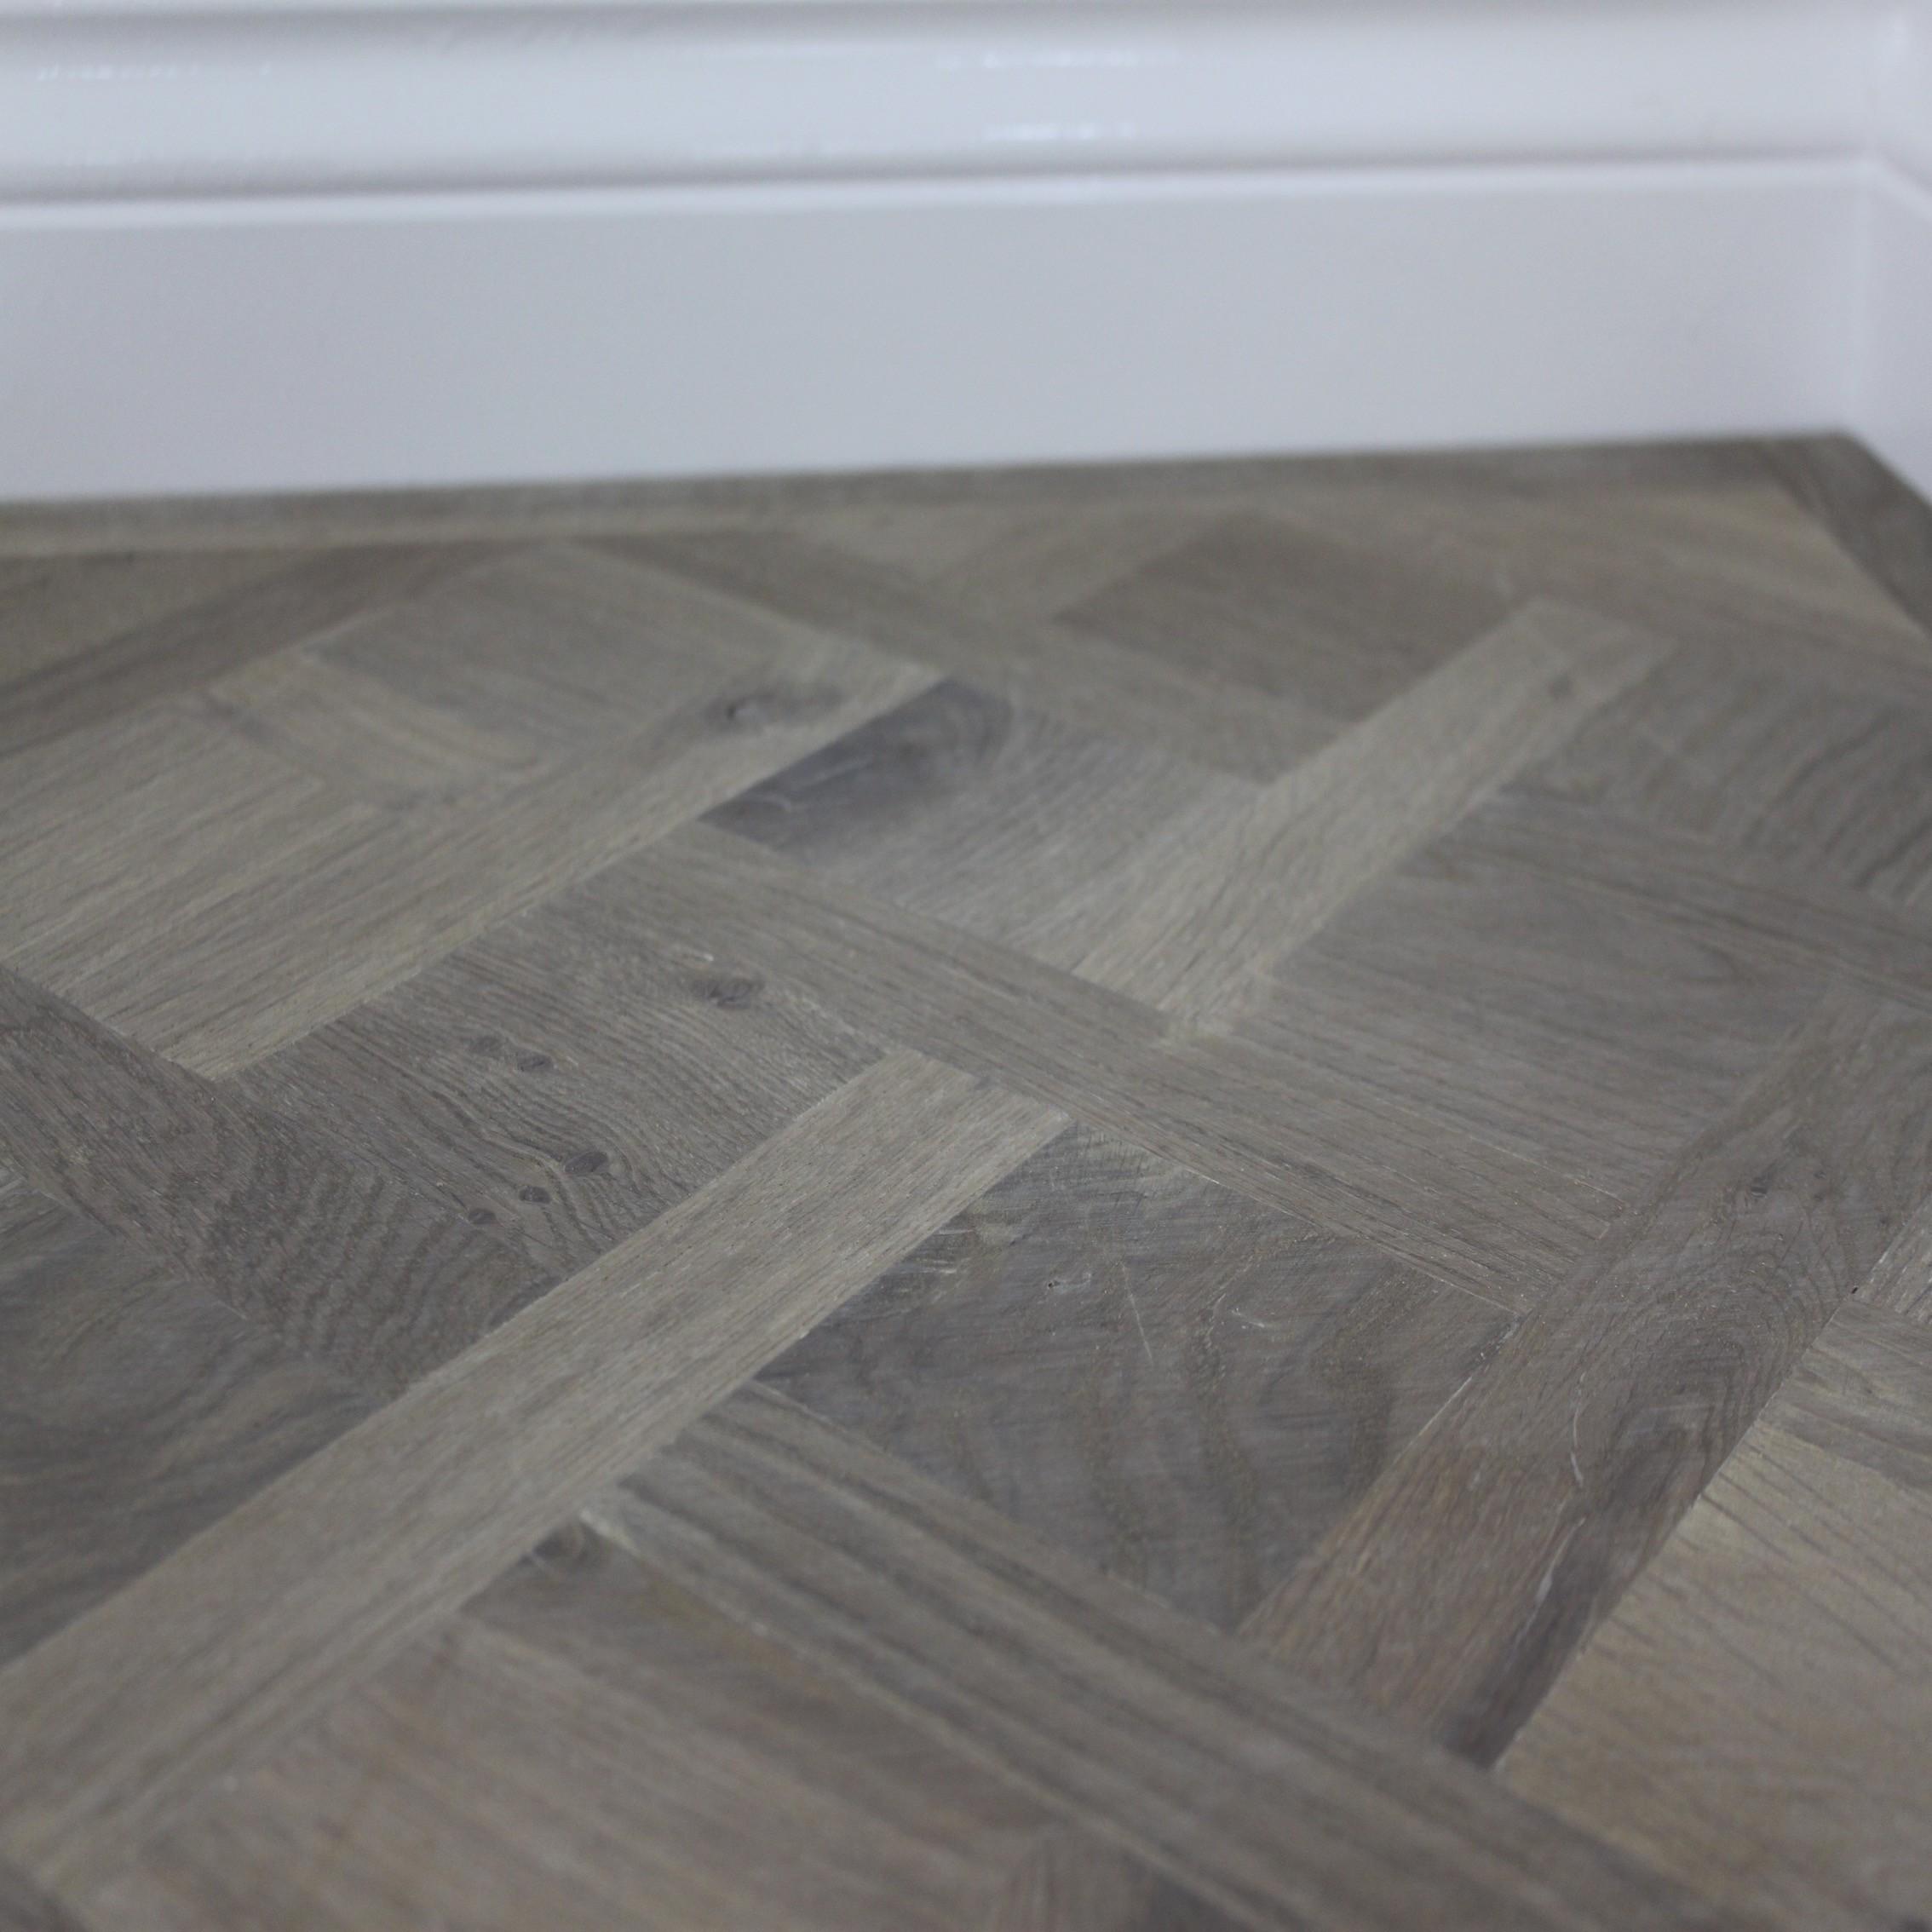 Maxi Parquet Panel Oak White Oiled